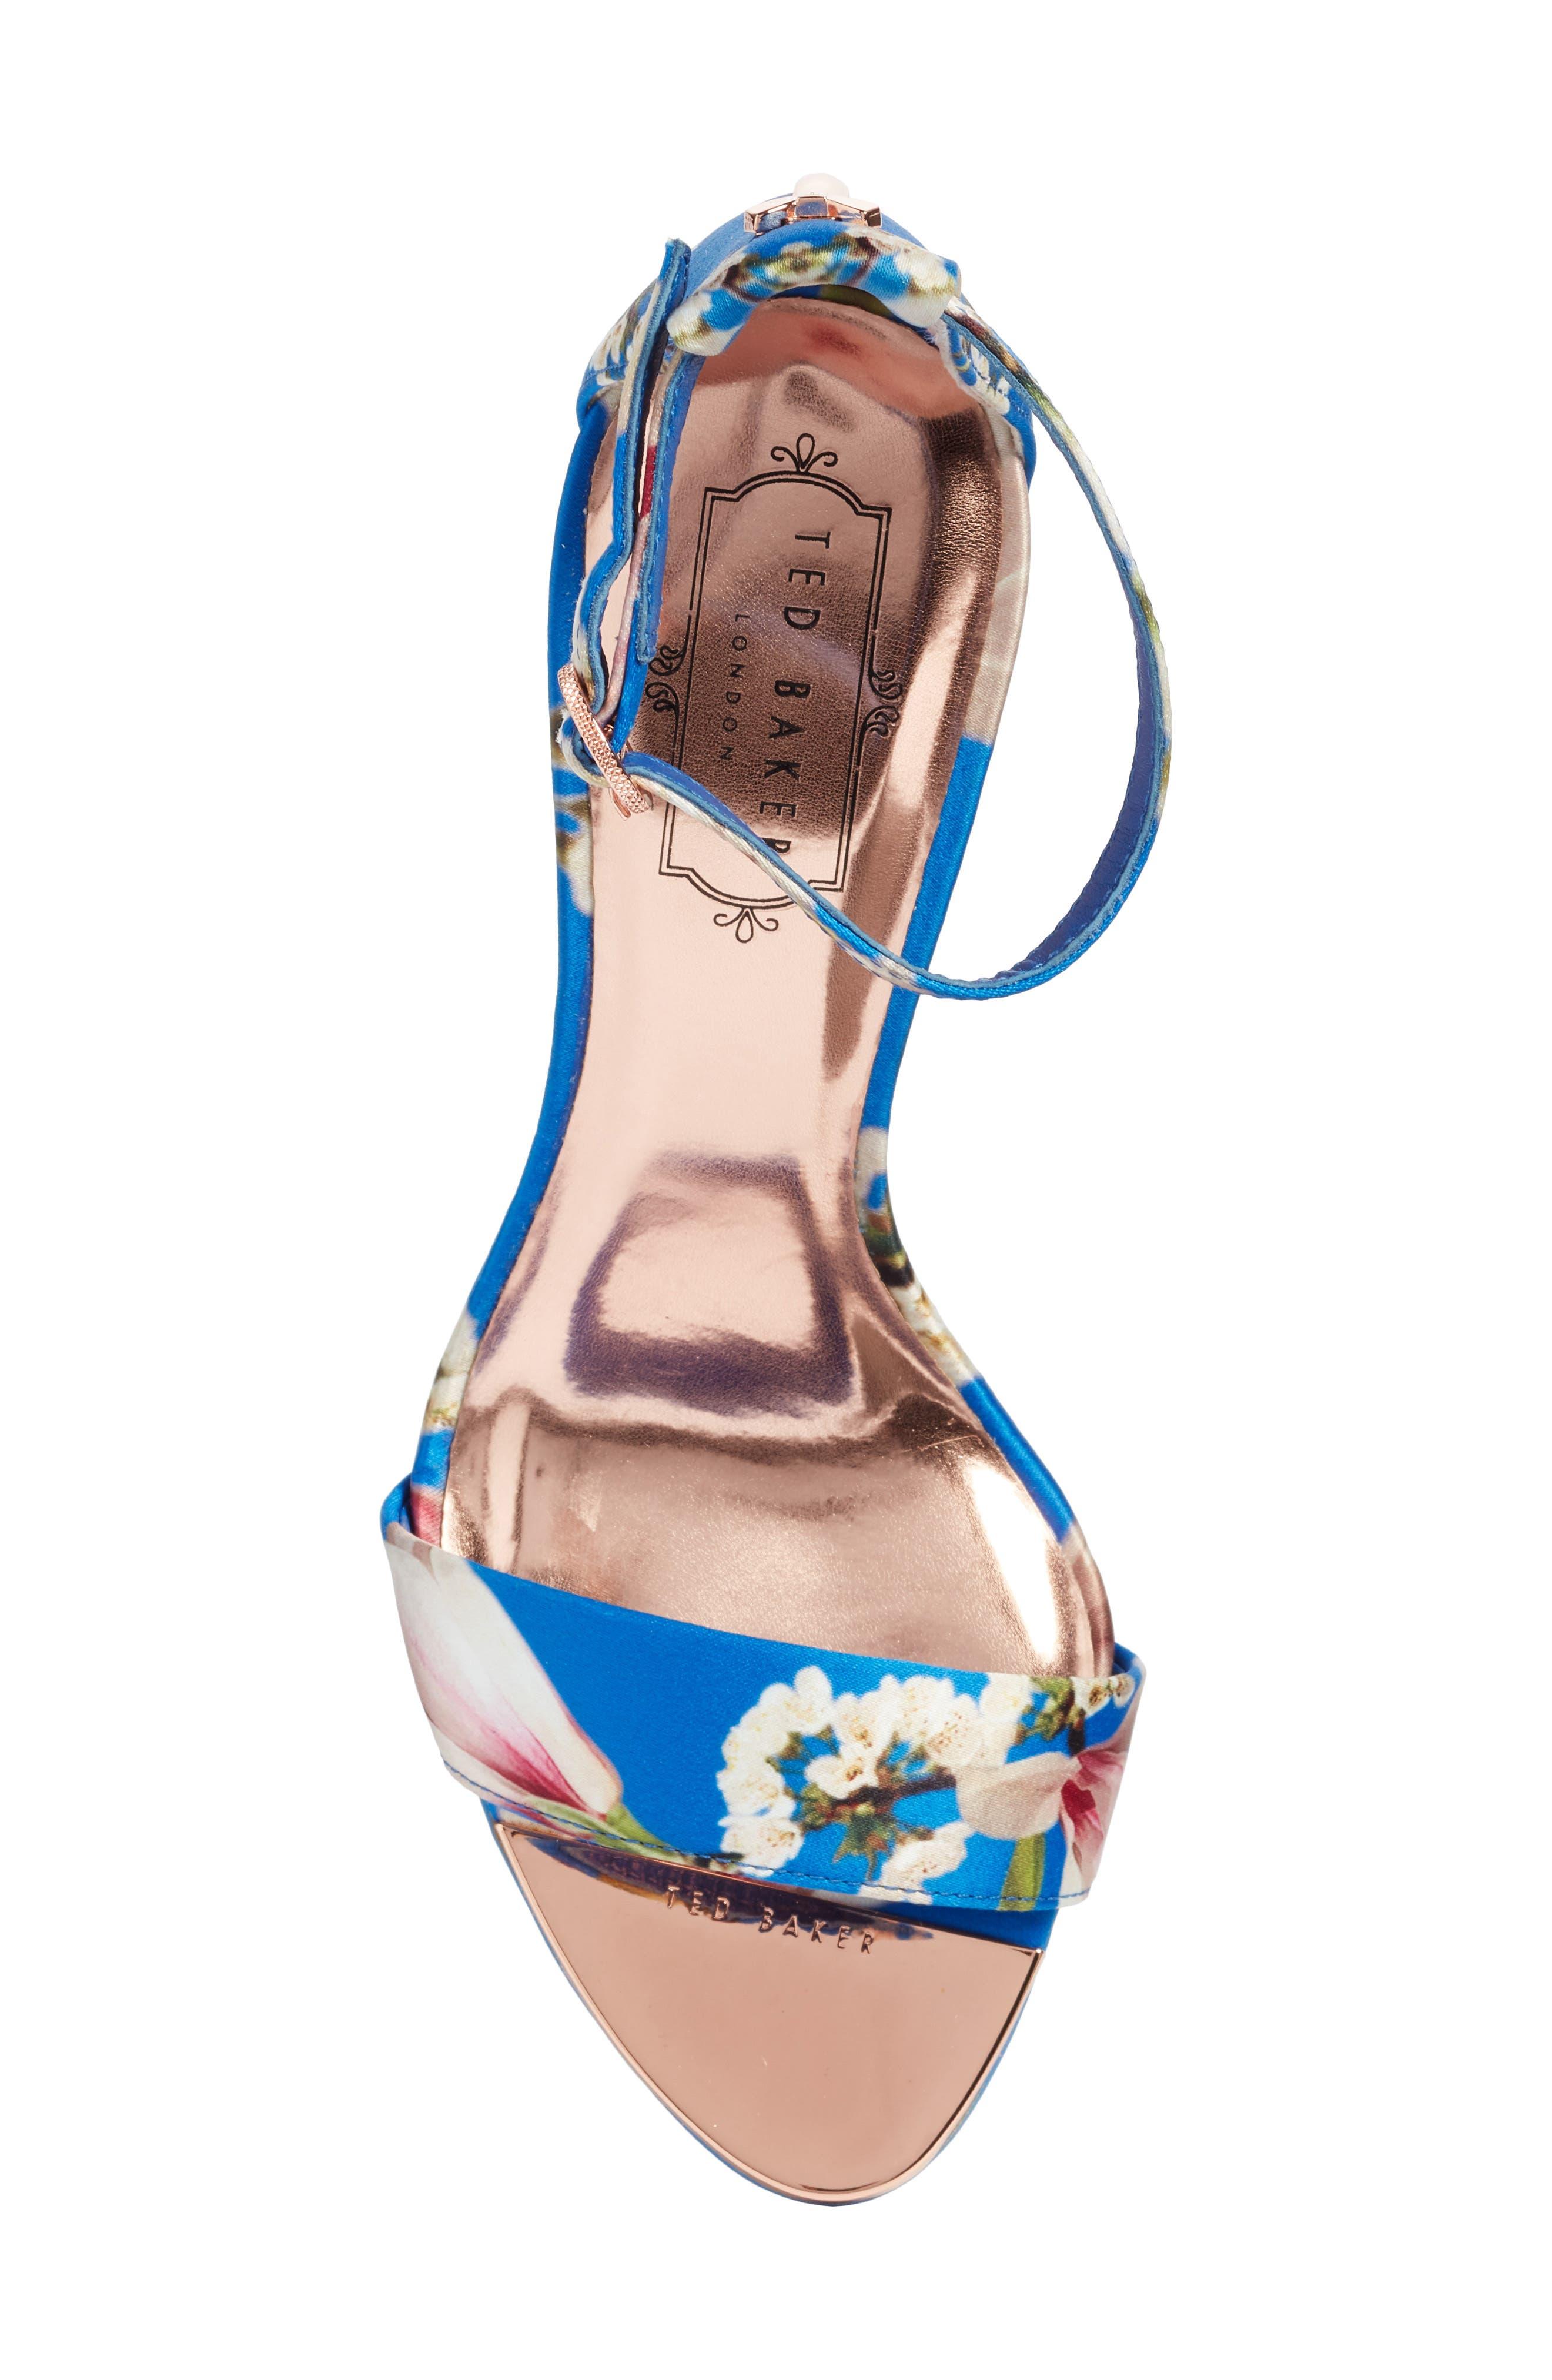 Mavbe Ankle Strap Sandal,                             Alternate thumbnail 5, color,                             BLUE HARMONY PRINT